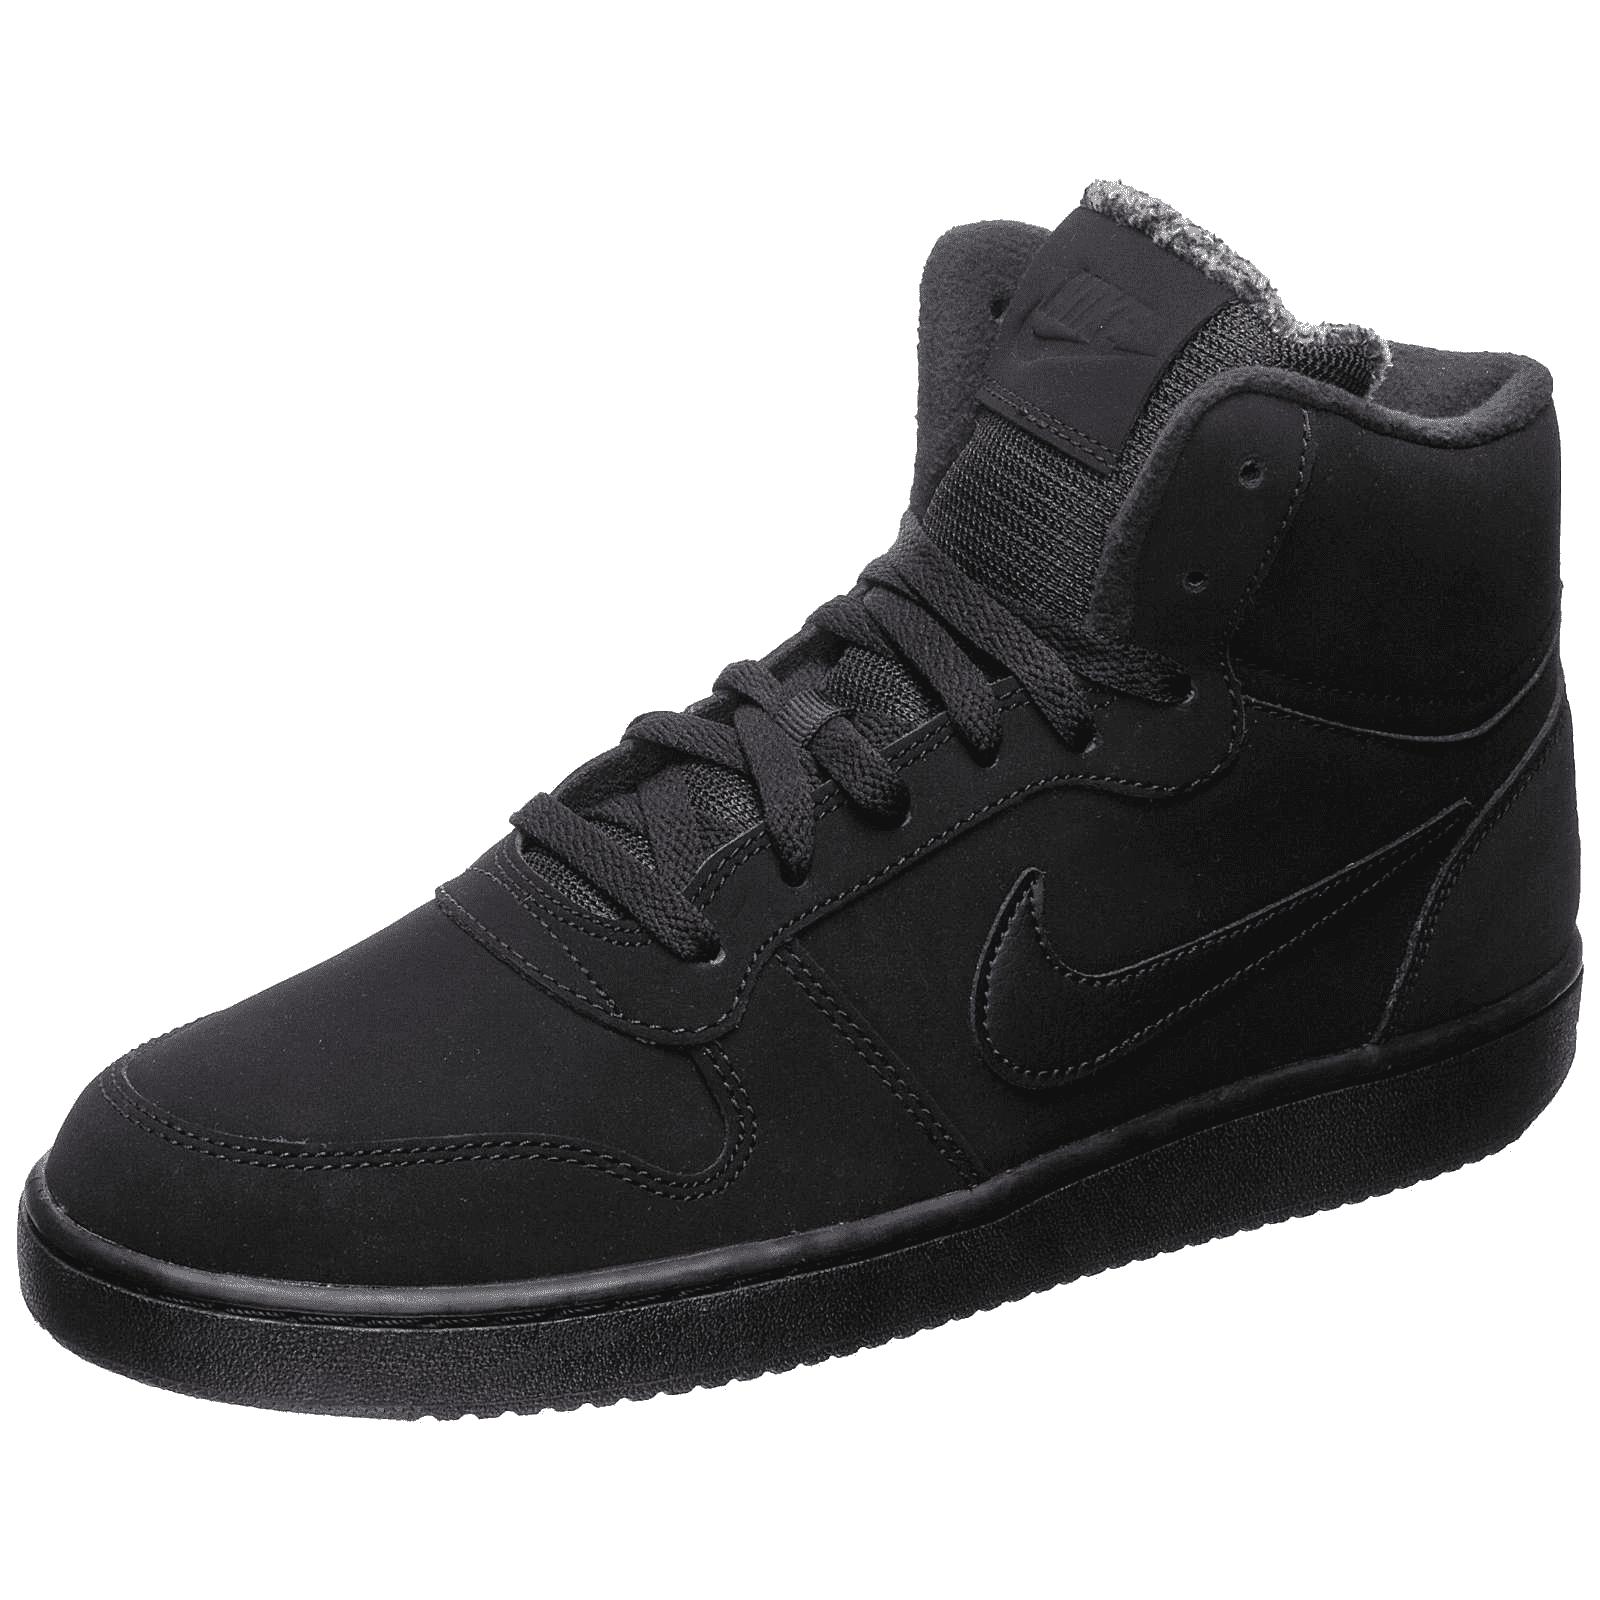 Schuhe im Sale im MypopUPclub - z.B. NIKE Ebernon Mid Sneaker Herren (Gr. 41 - 49,5) für 34,94€